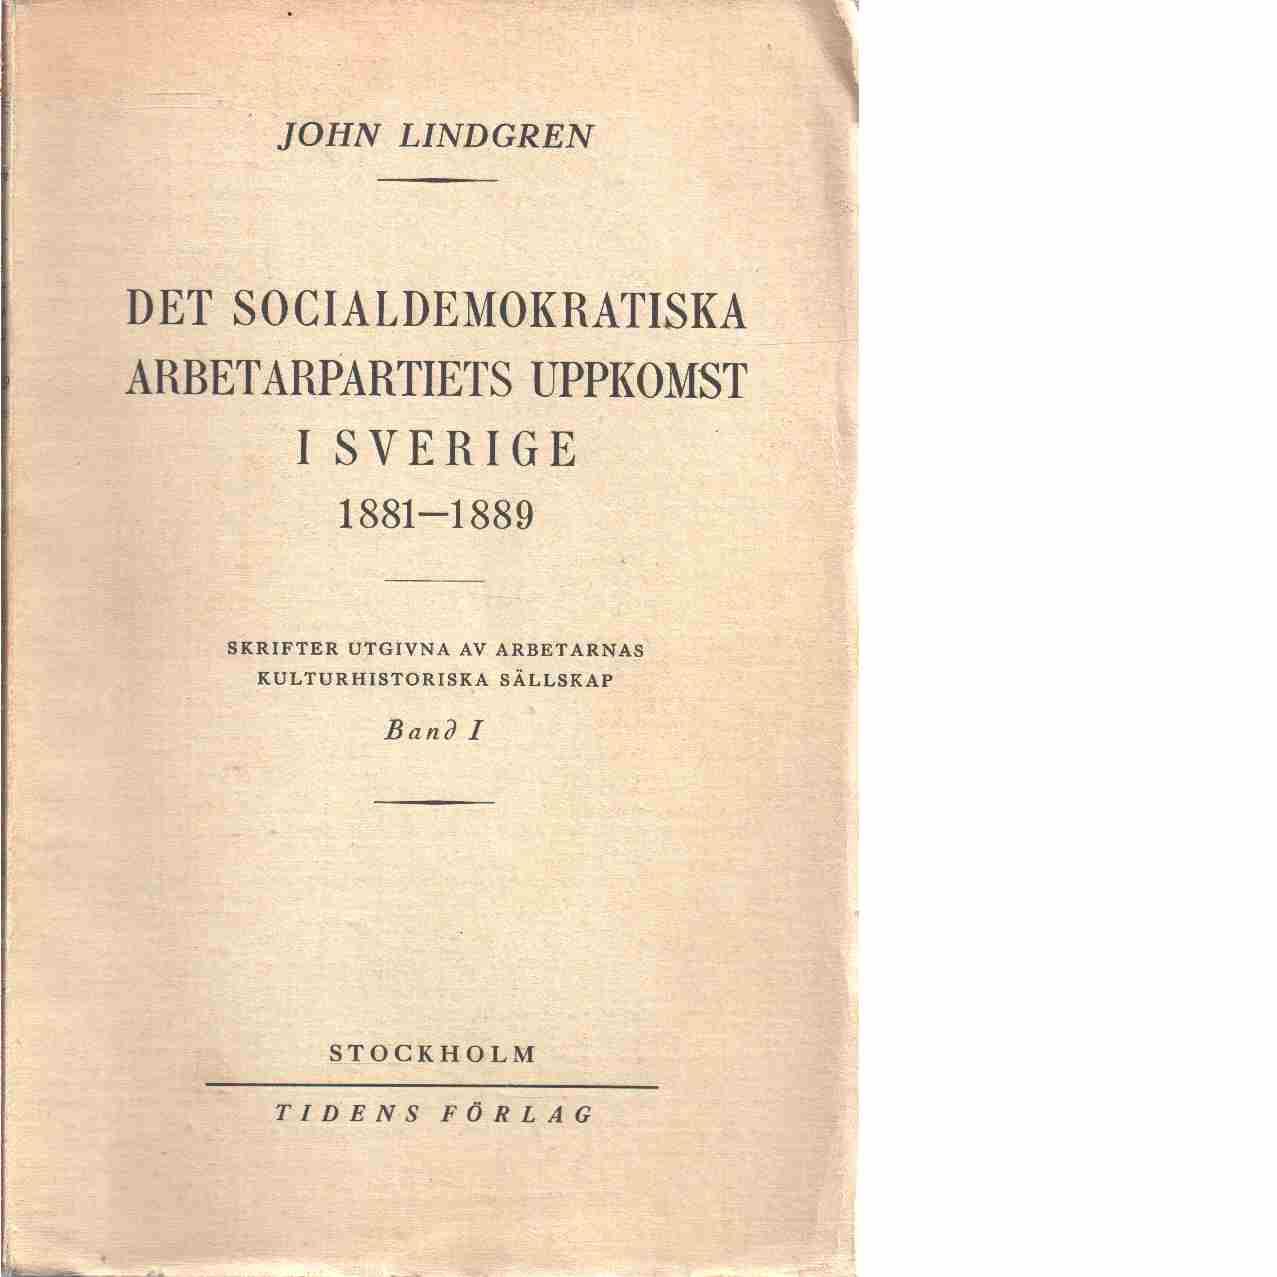 Det socialdemokratiska arbetarpartiets uppkomst i Sverige 1881-1889  - Lindgren, John